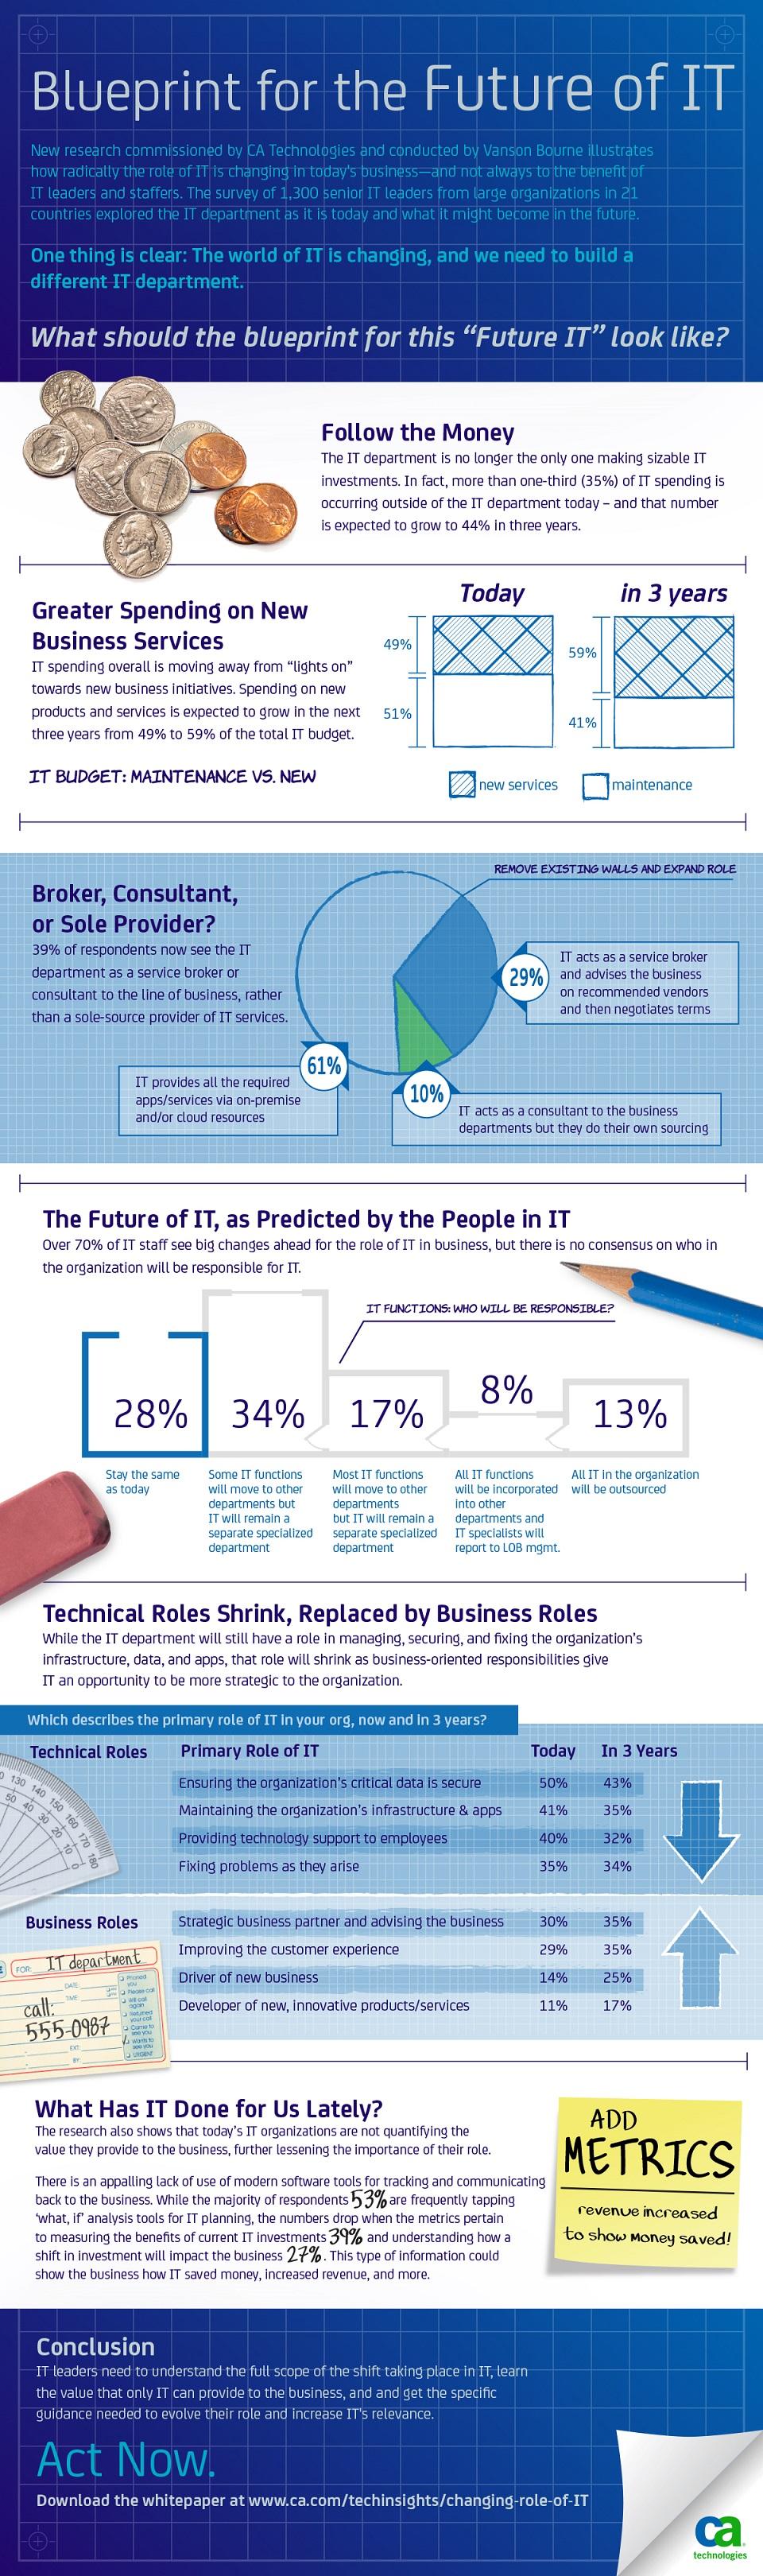 Imagen: CA Technologies